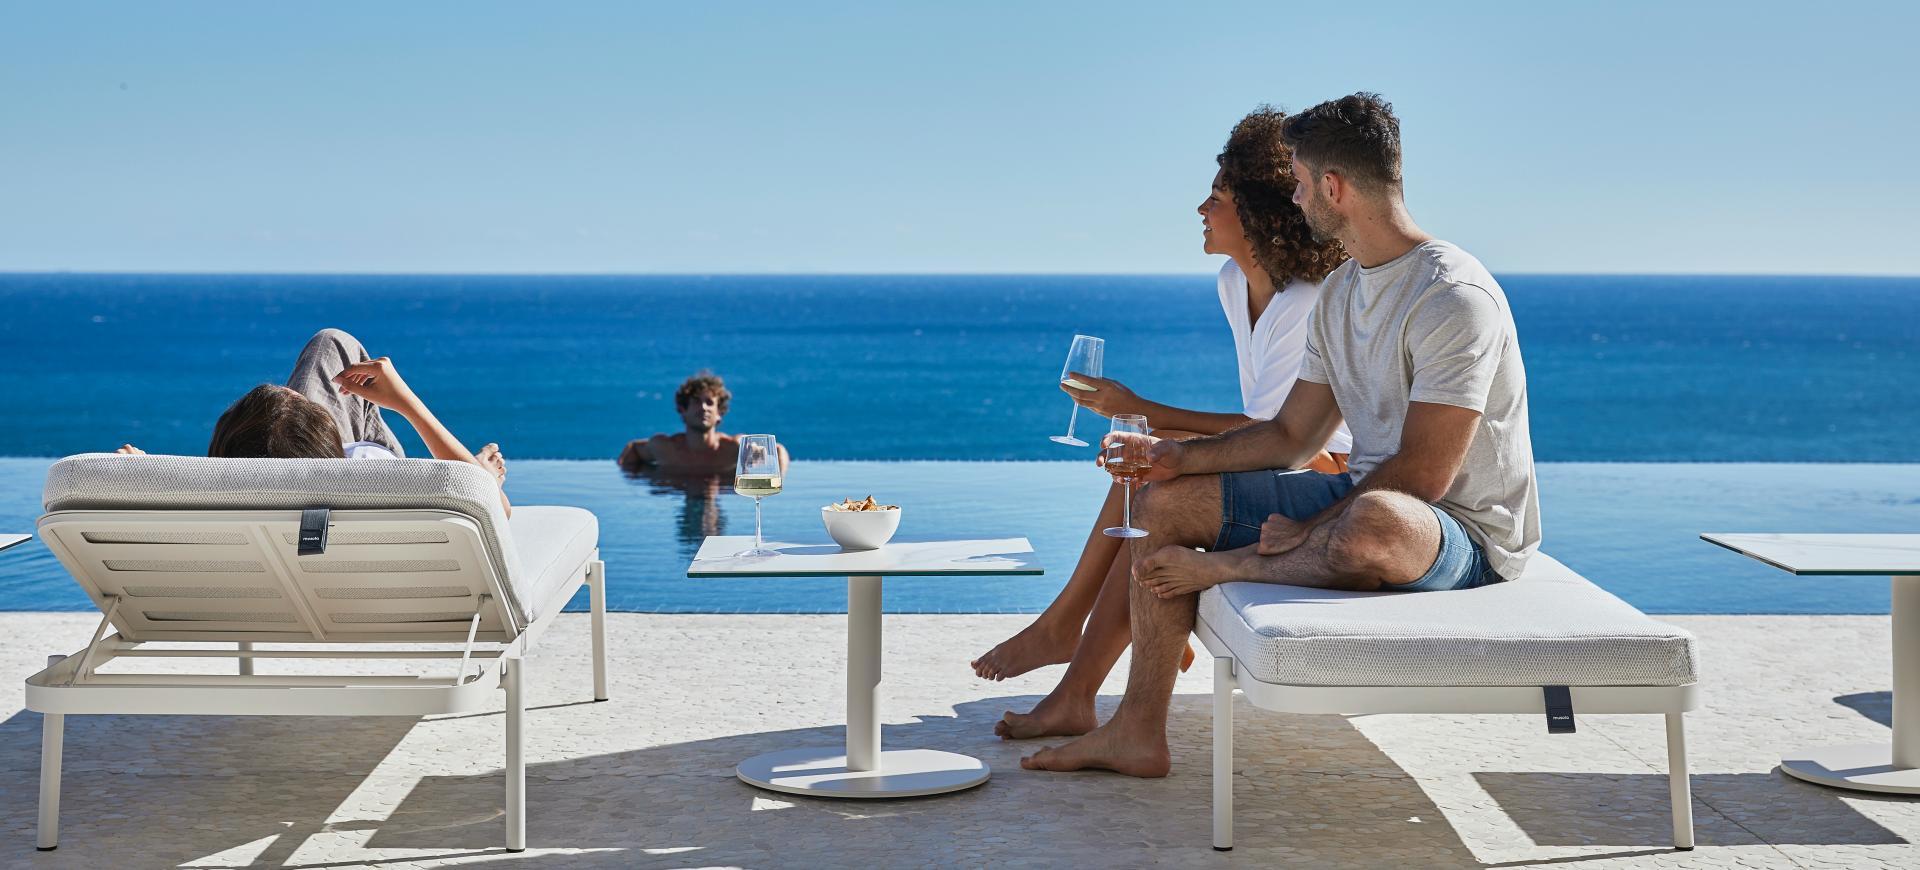 Outdoor transat bain de soleil STORY Mobilier contemporain et tendance